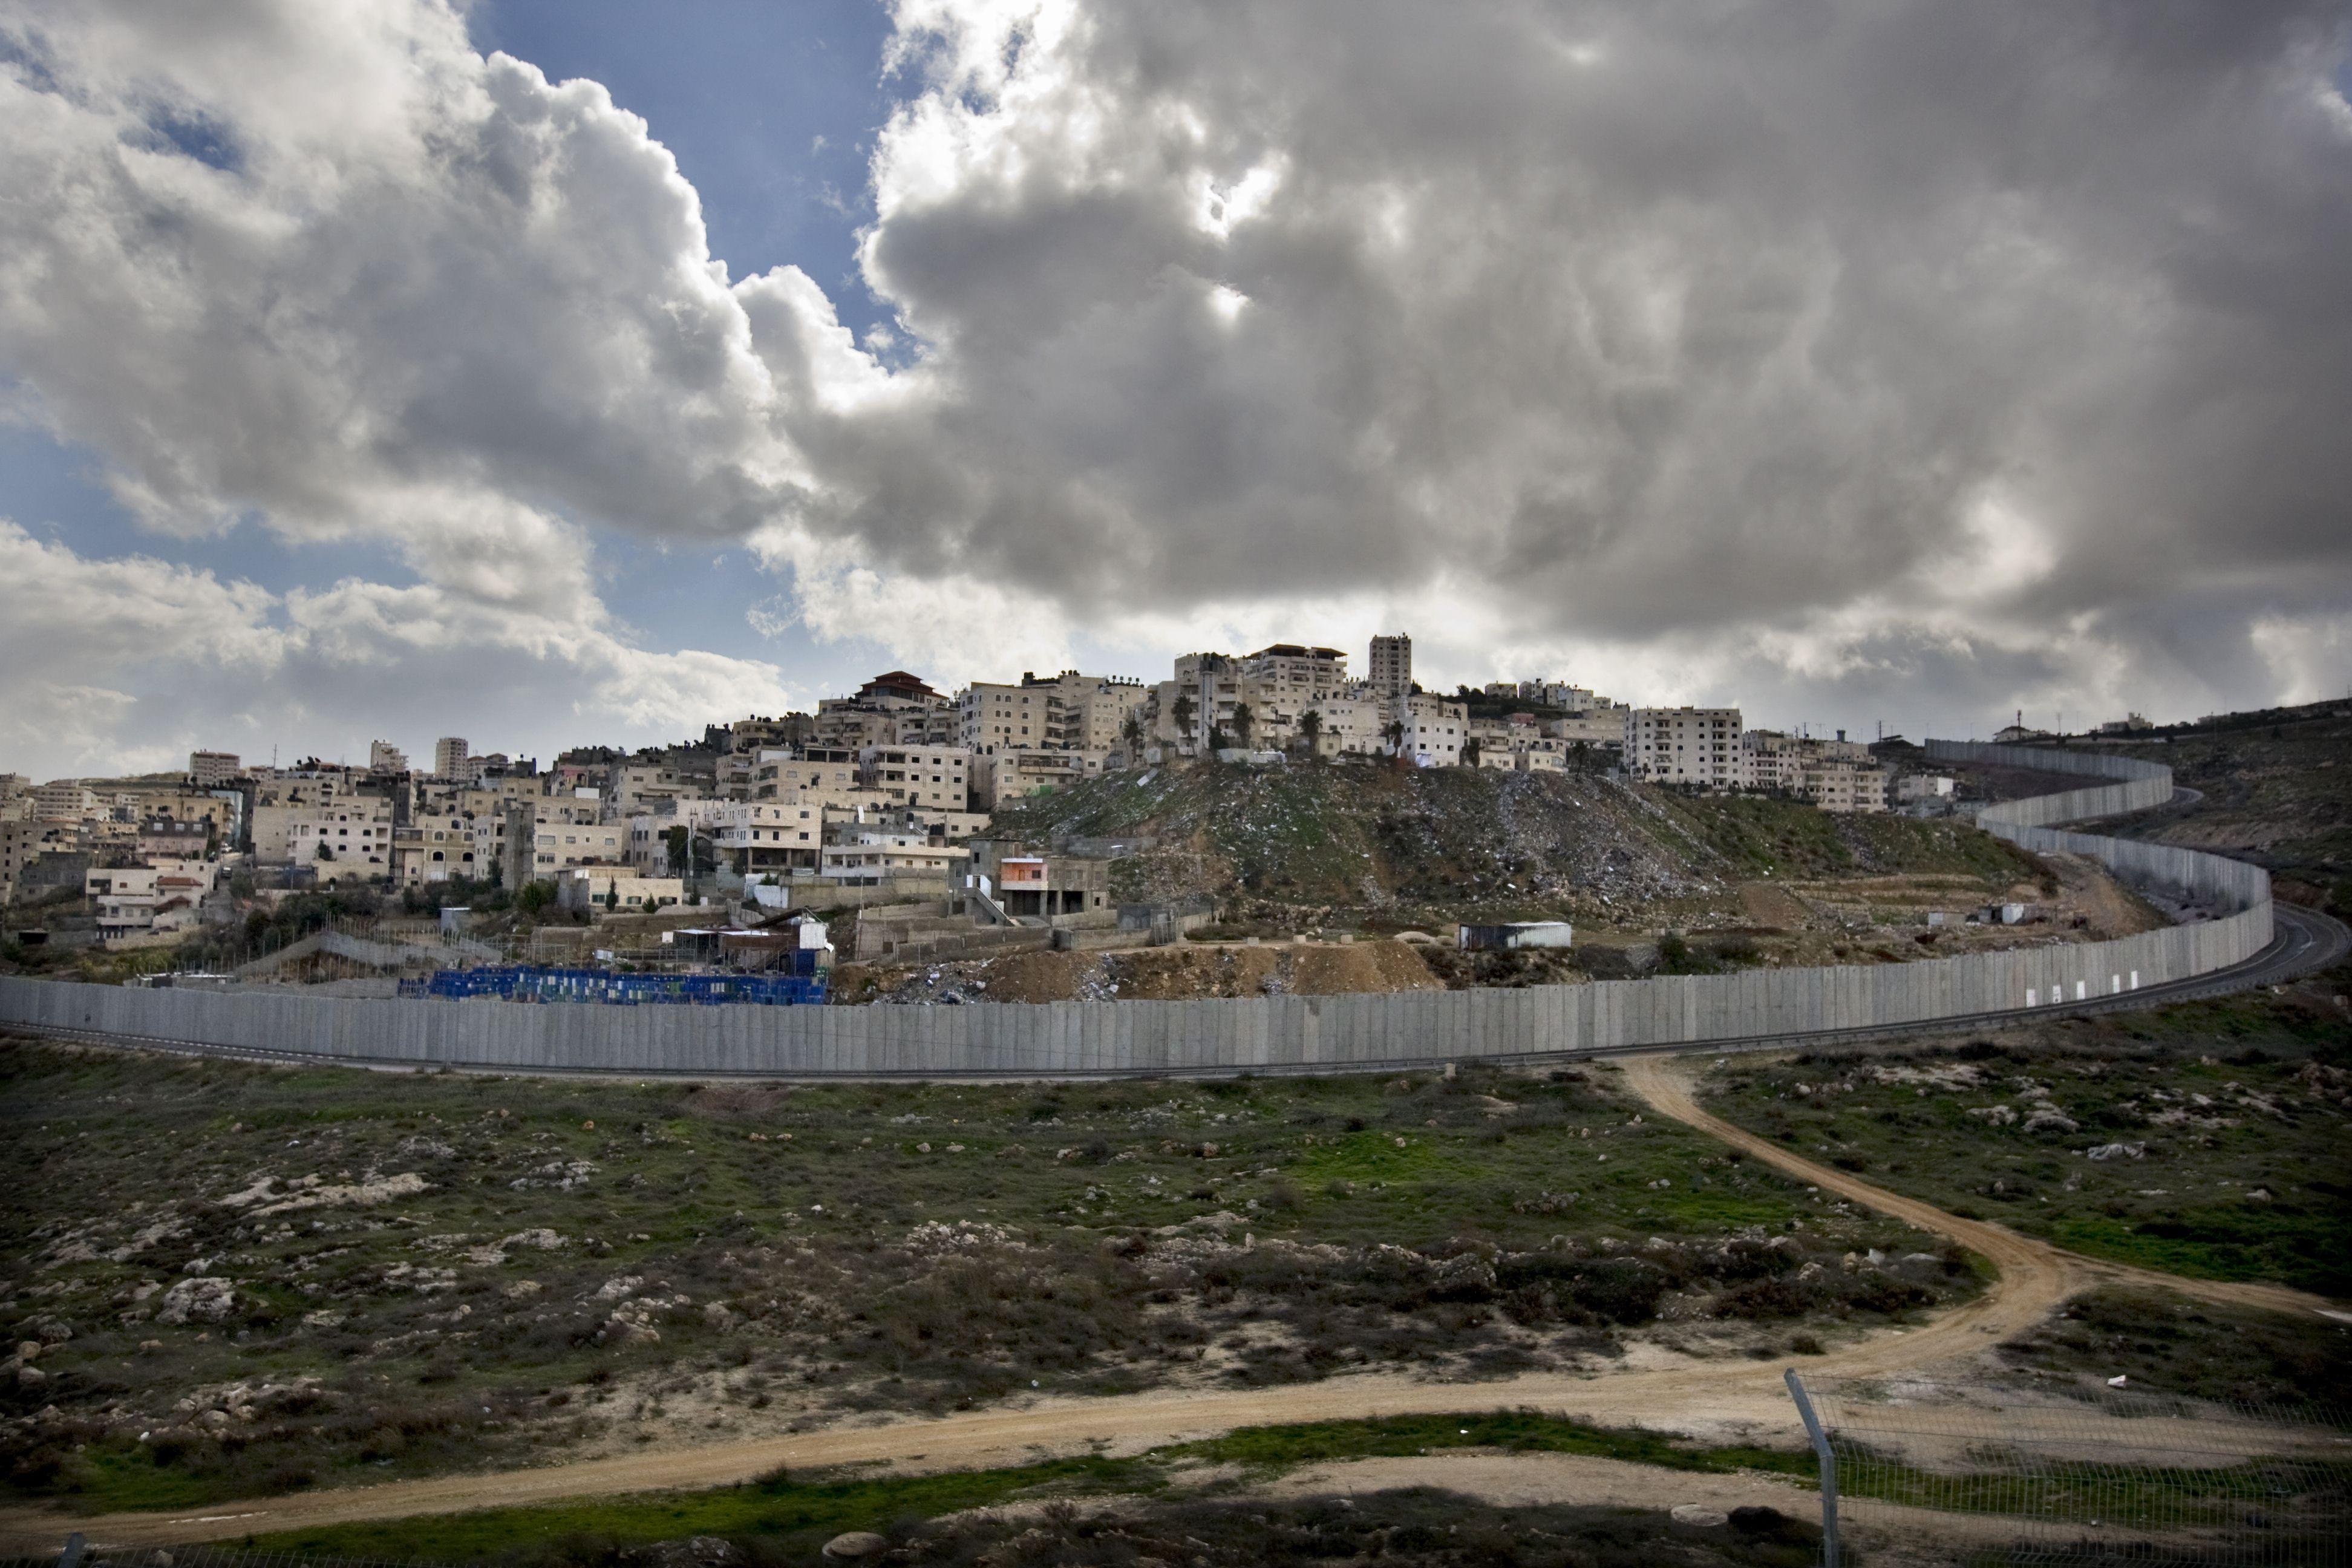 الجدار الفاصل بين الأراضي الفلسطينية وإسرائيل